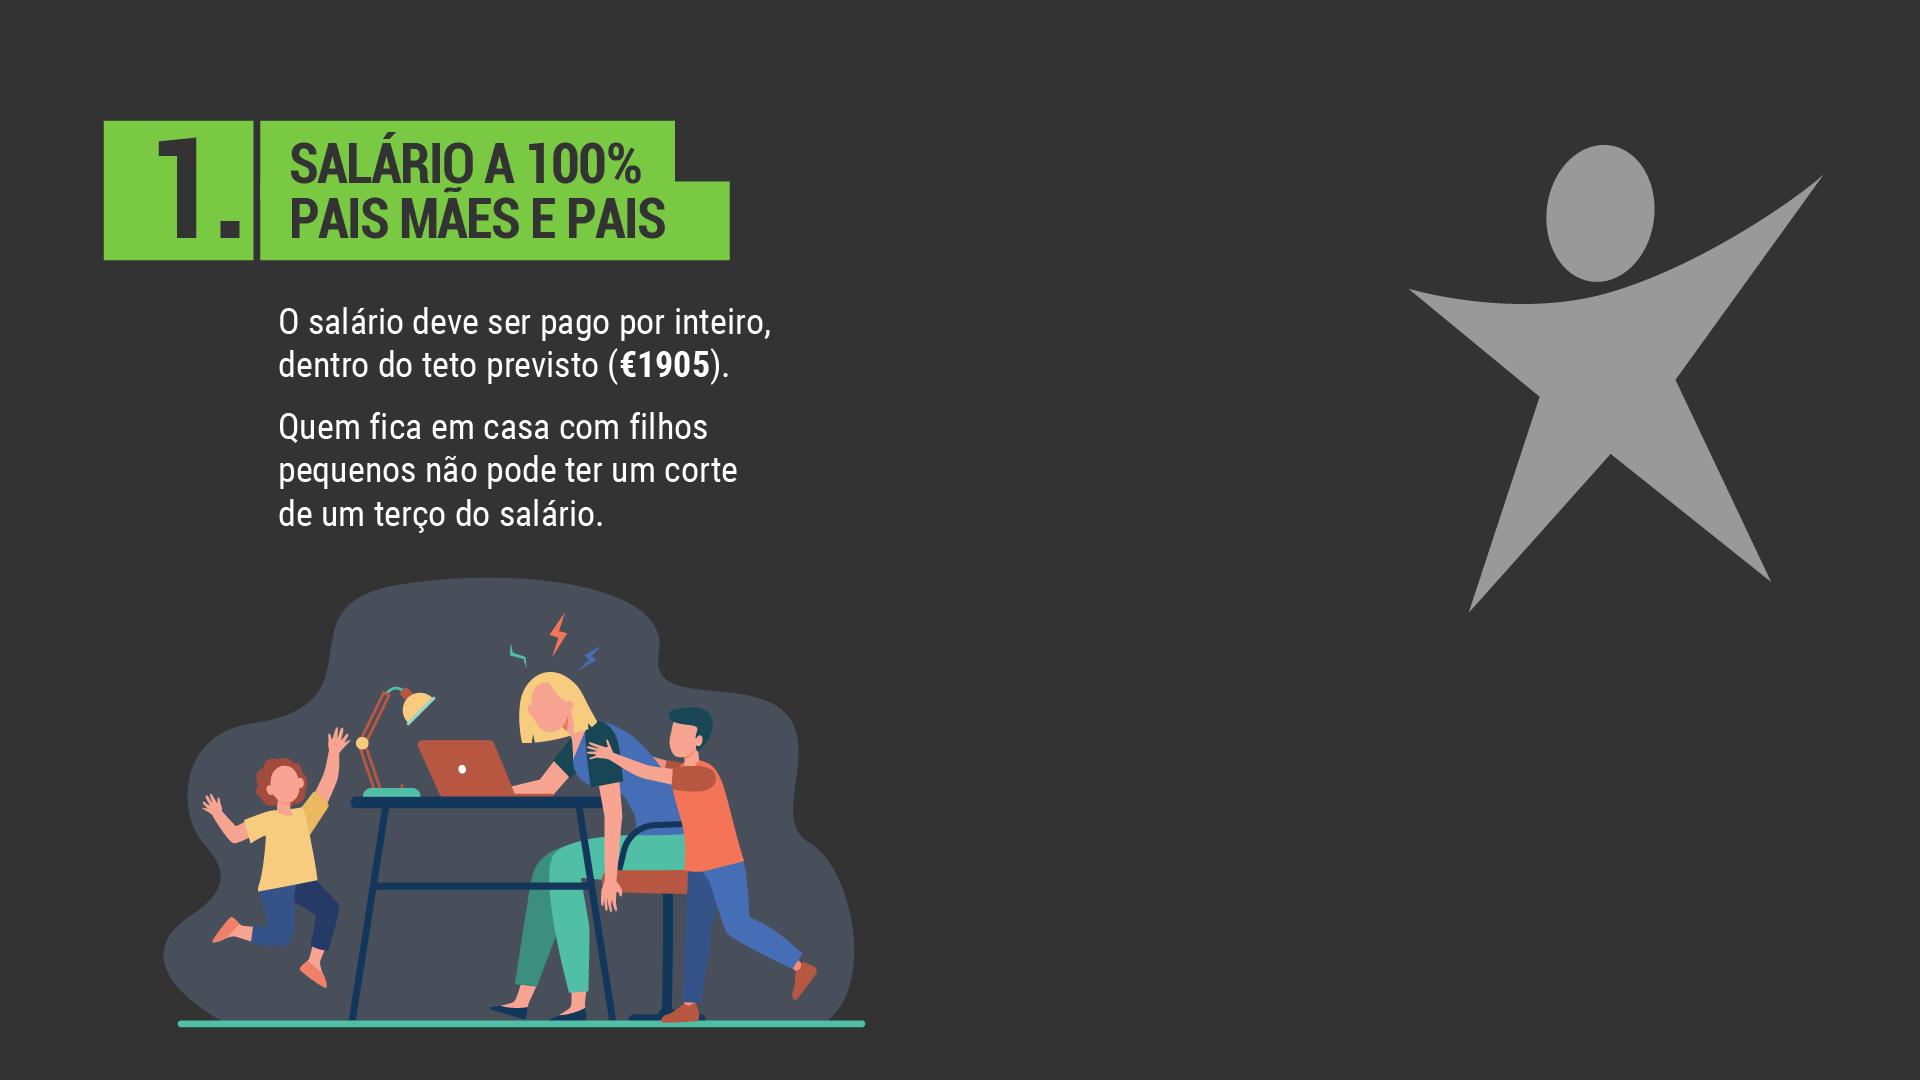 O salário deve ser pago por inteiro, dentro do teto previsto (€1905). Quem fica em casa com filhos pequenos não pode ter um corte de um terço do salário.